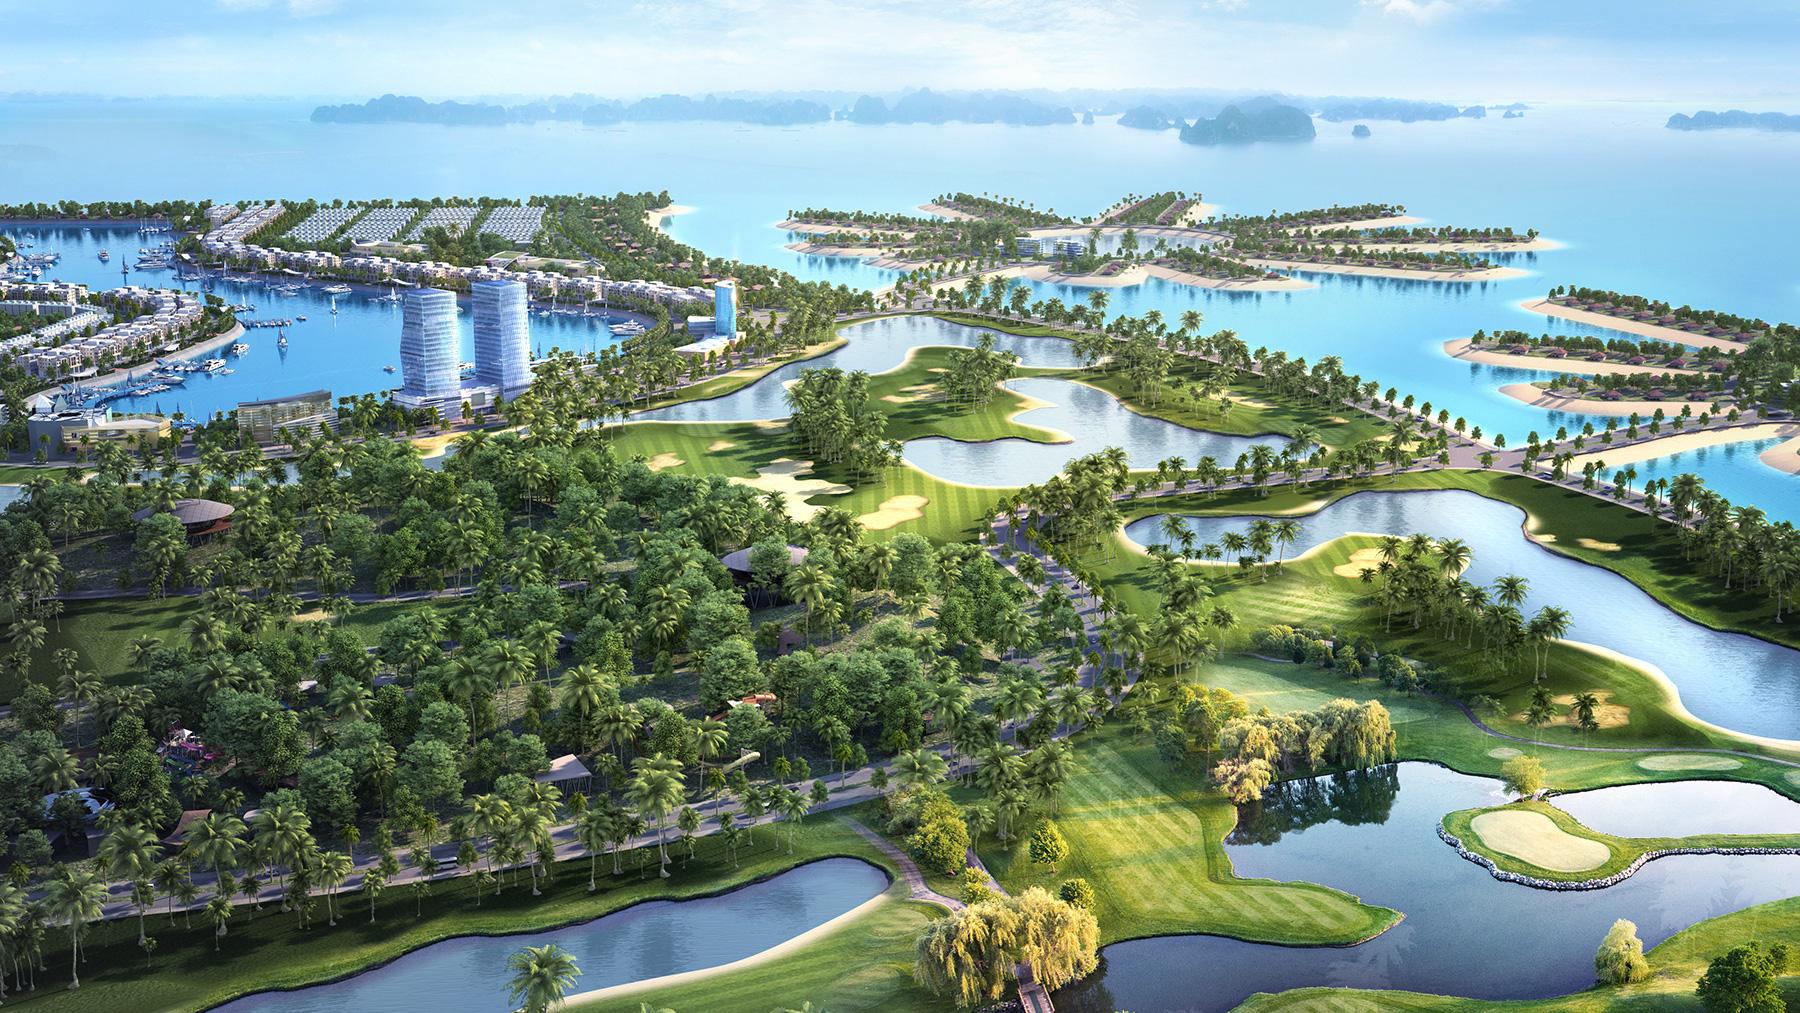 Dự án sân golf lớn nhất Quảng Ninh dự kiến khai thác trong tháng 6/2021 - Ảnh 1.